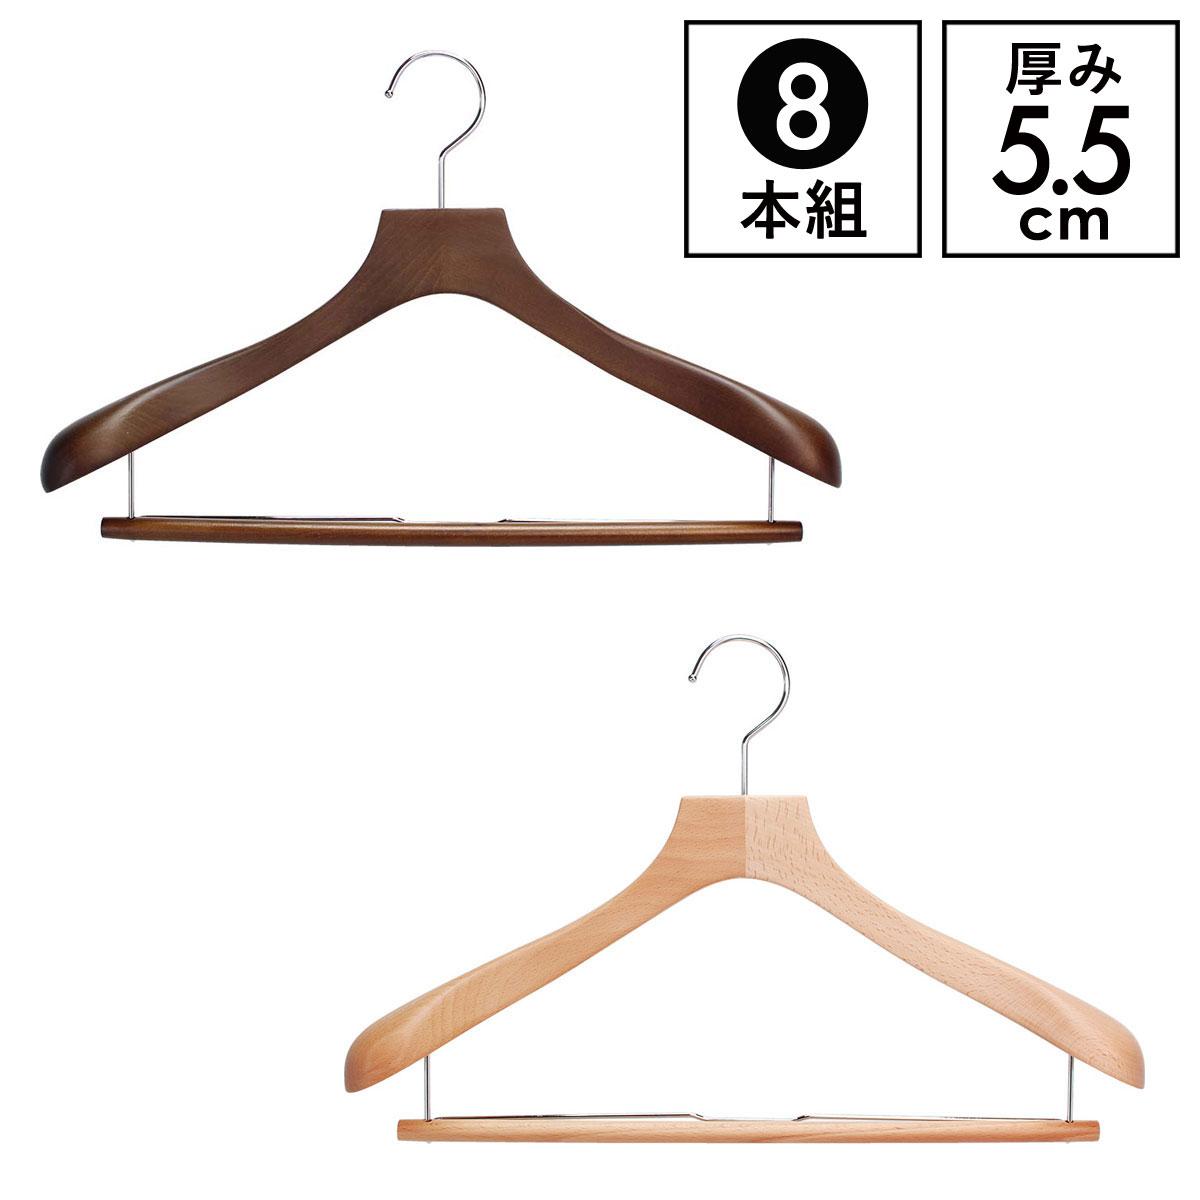 【最大2,000円OFFクーポン】木製ハンガー メンズ ハンガー 木製 フォレスタ 55W 8本組